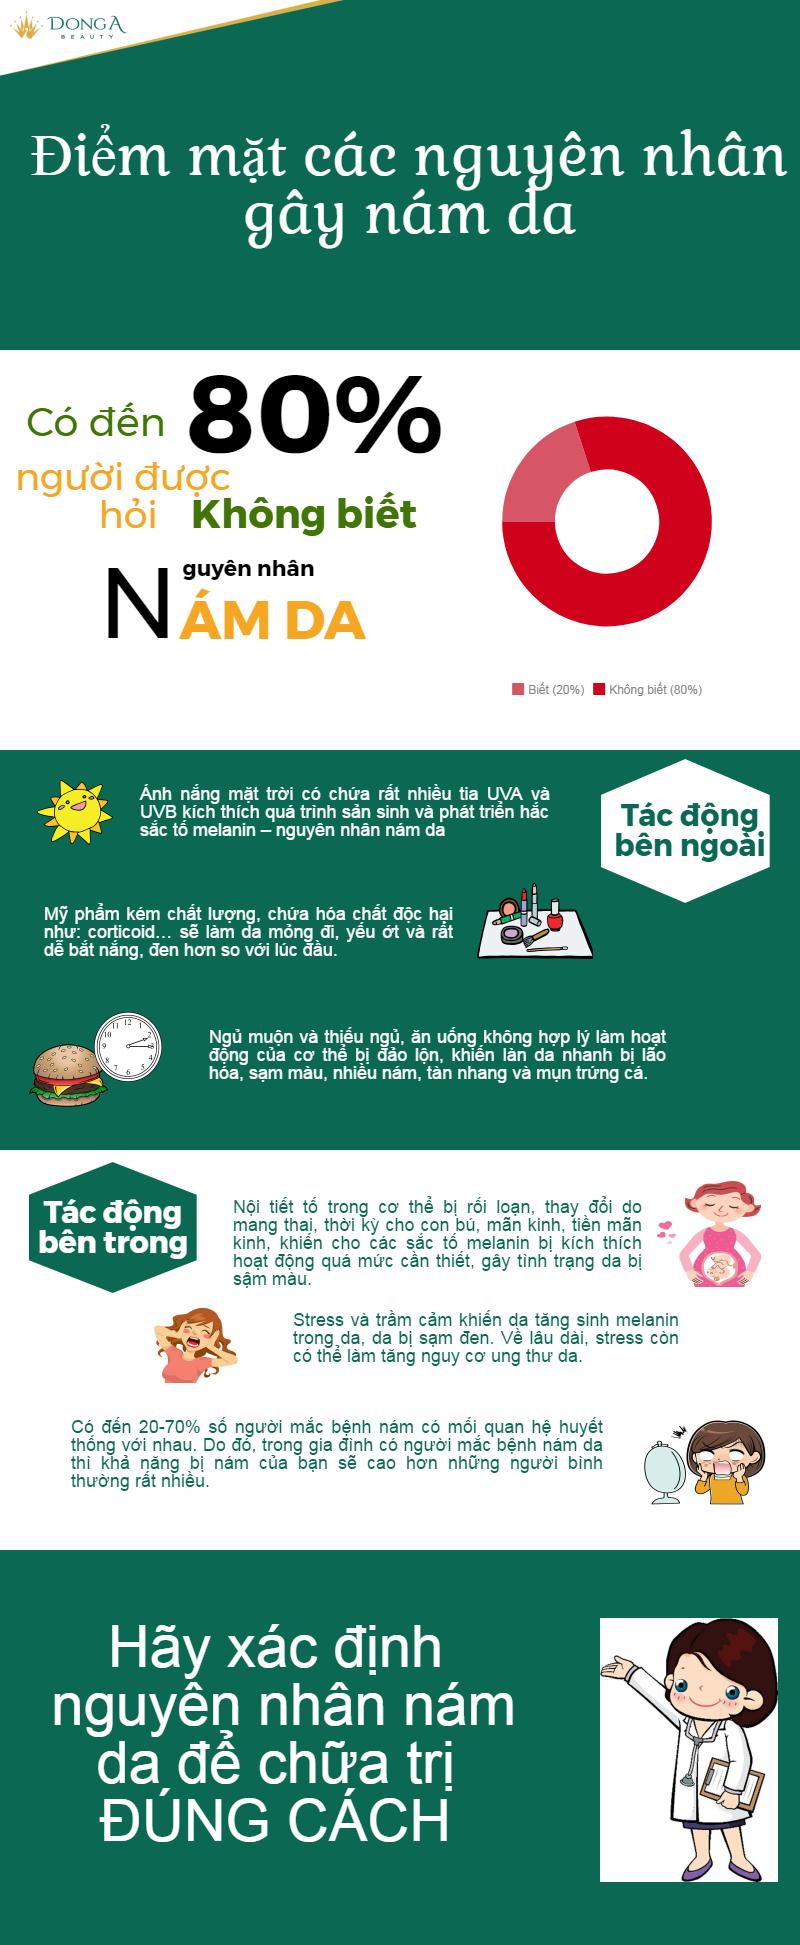 nguyen-nhan-nam-da.png